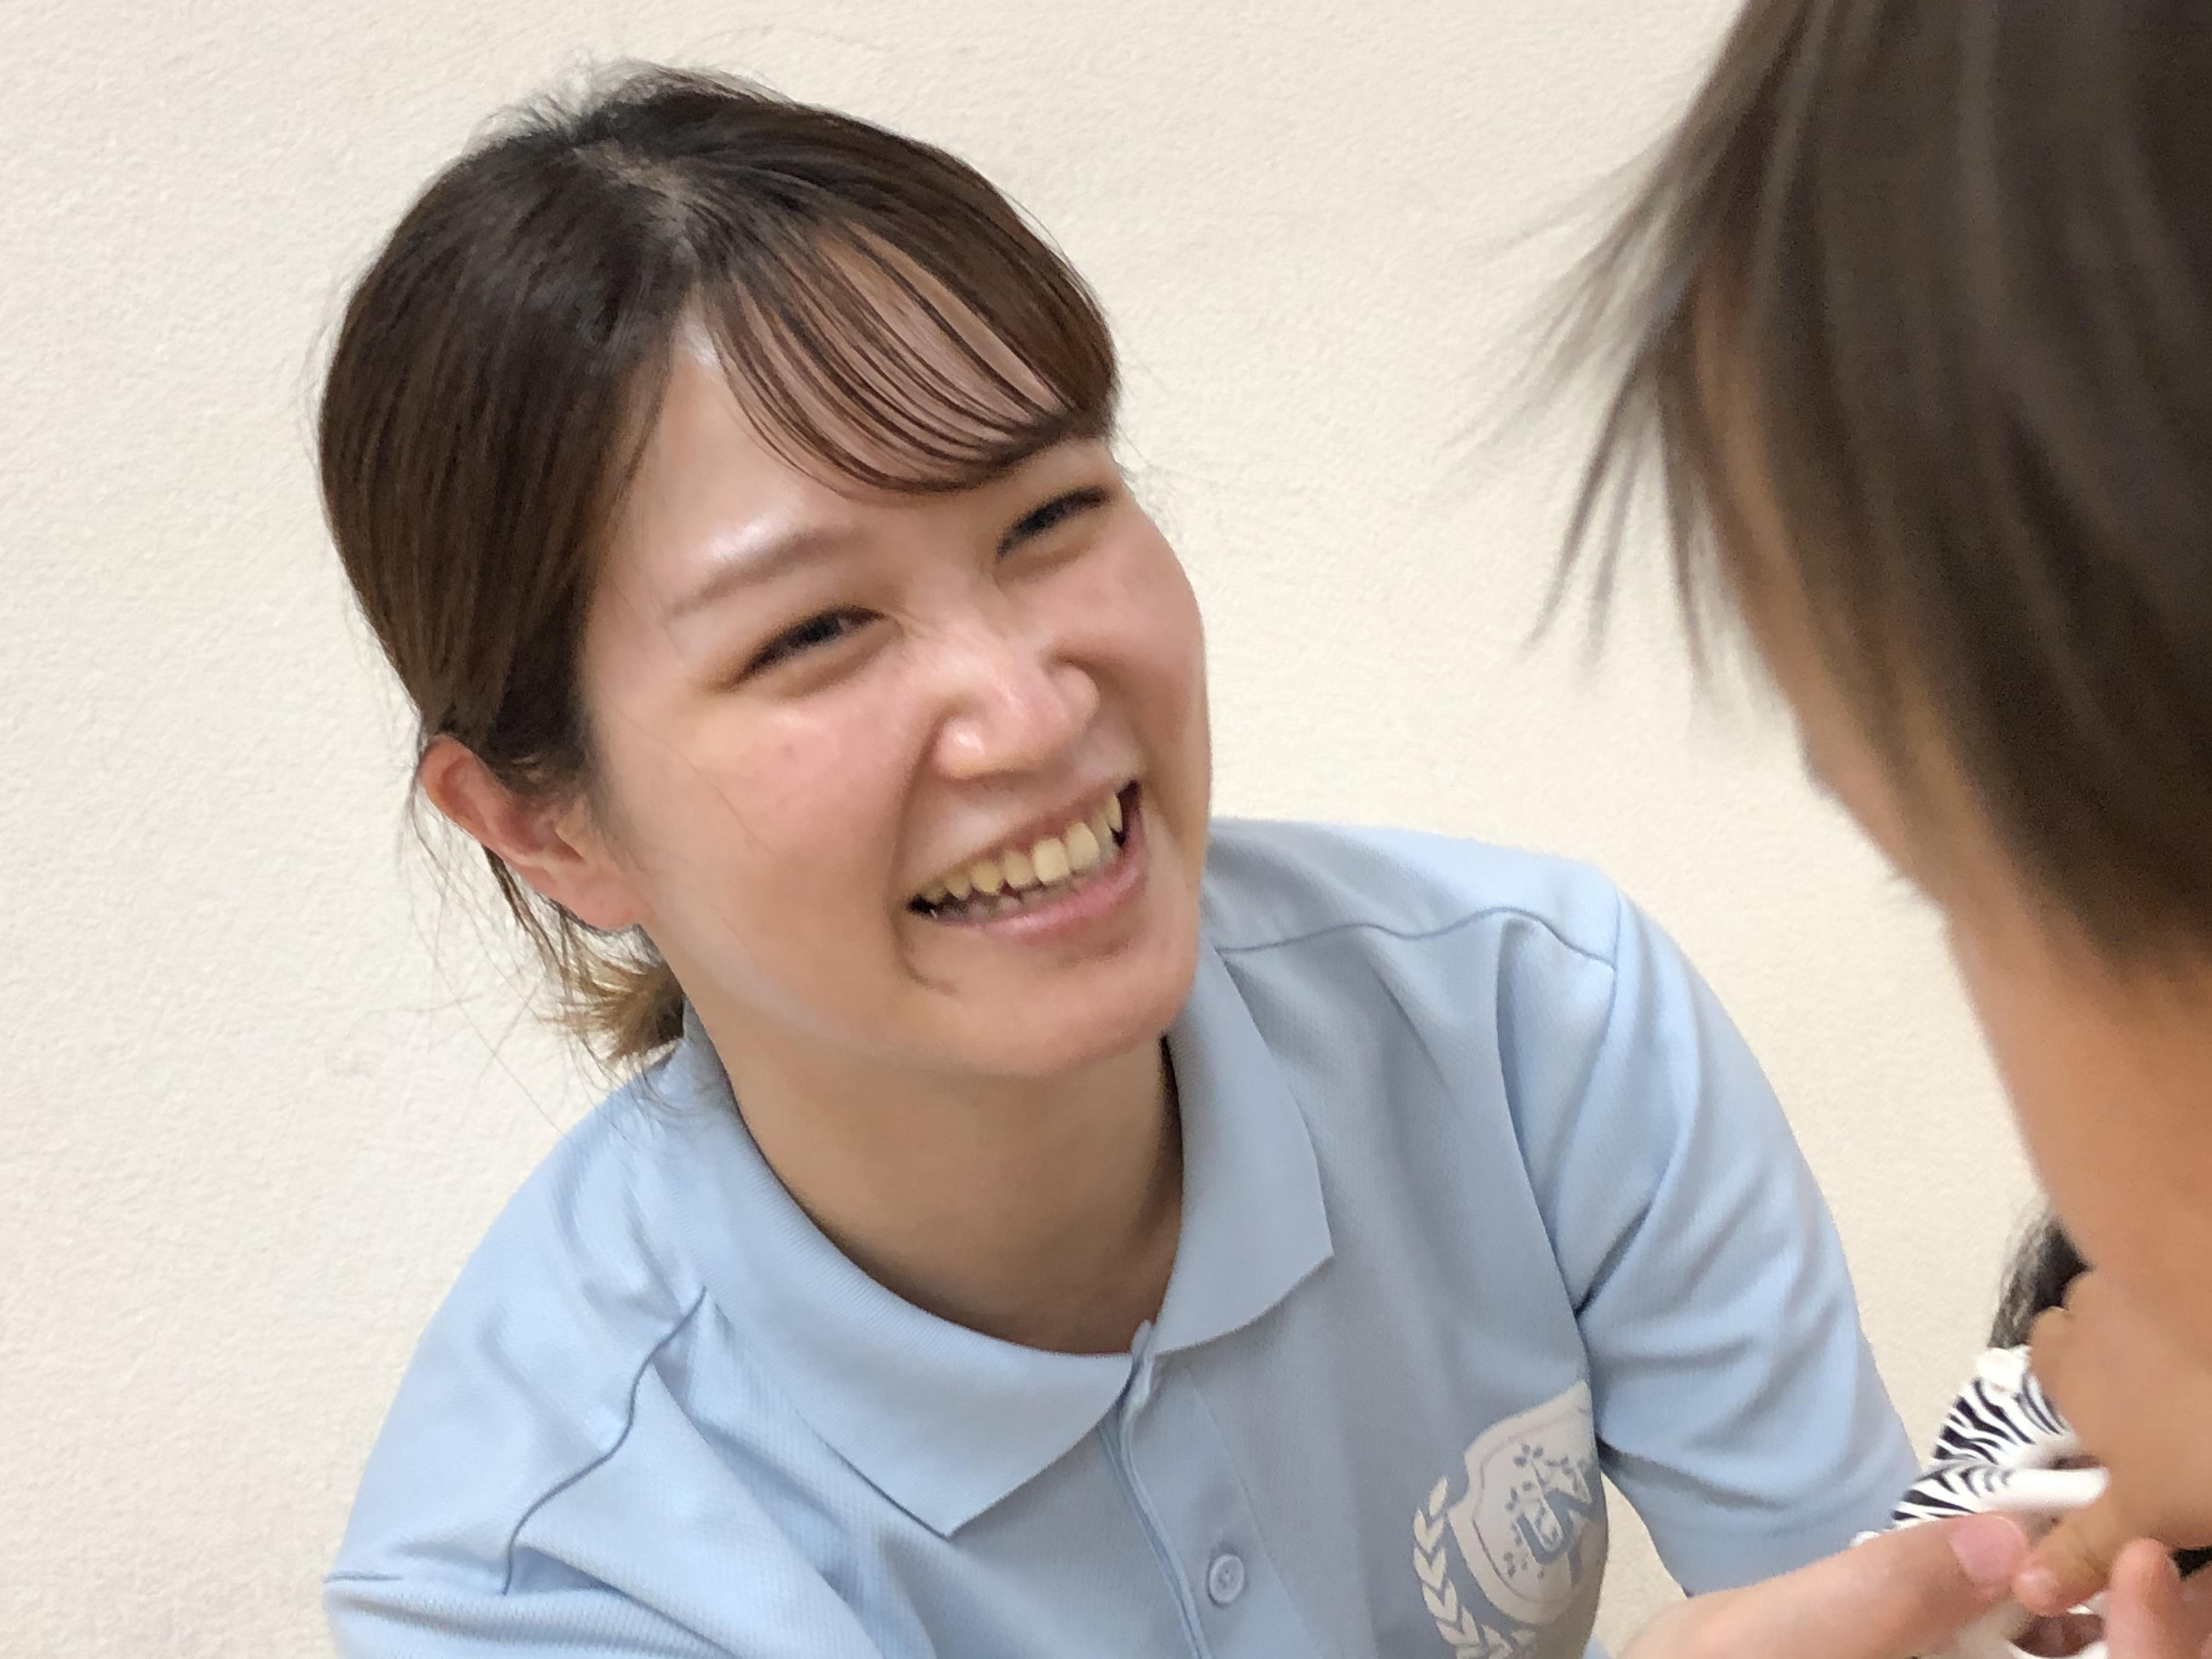 【保育⼠】◆完週休2日制◆残業1⽇平均8分◆持ち帰り業務一切なし